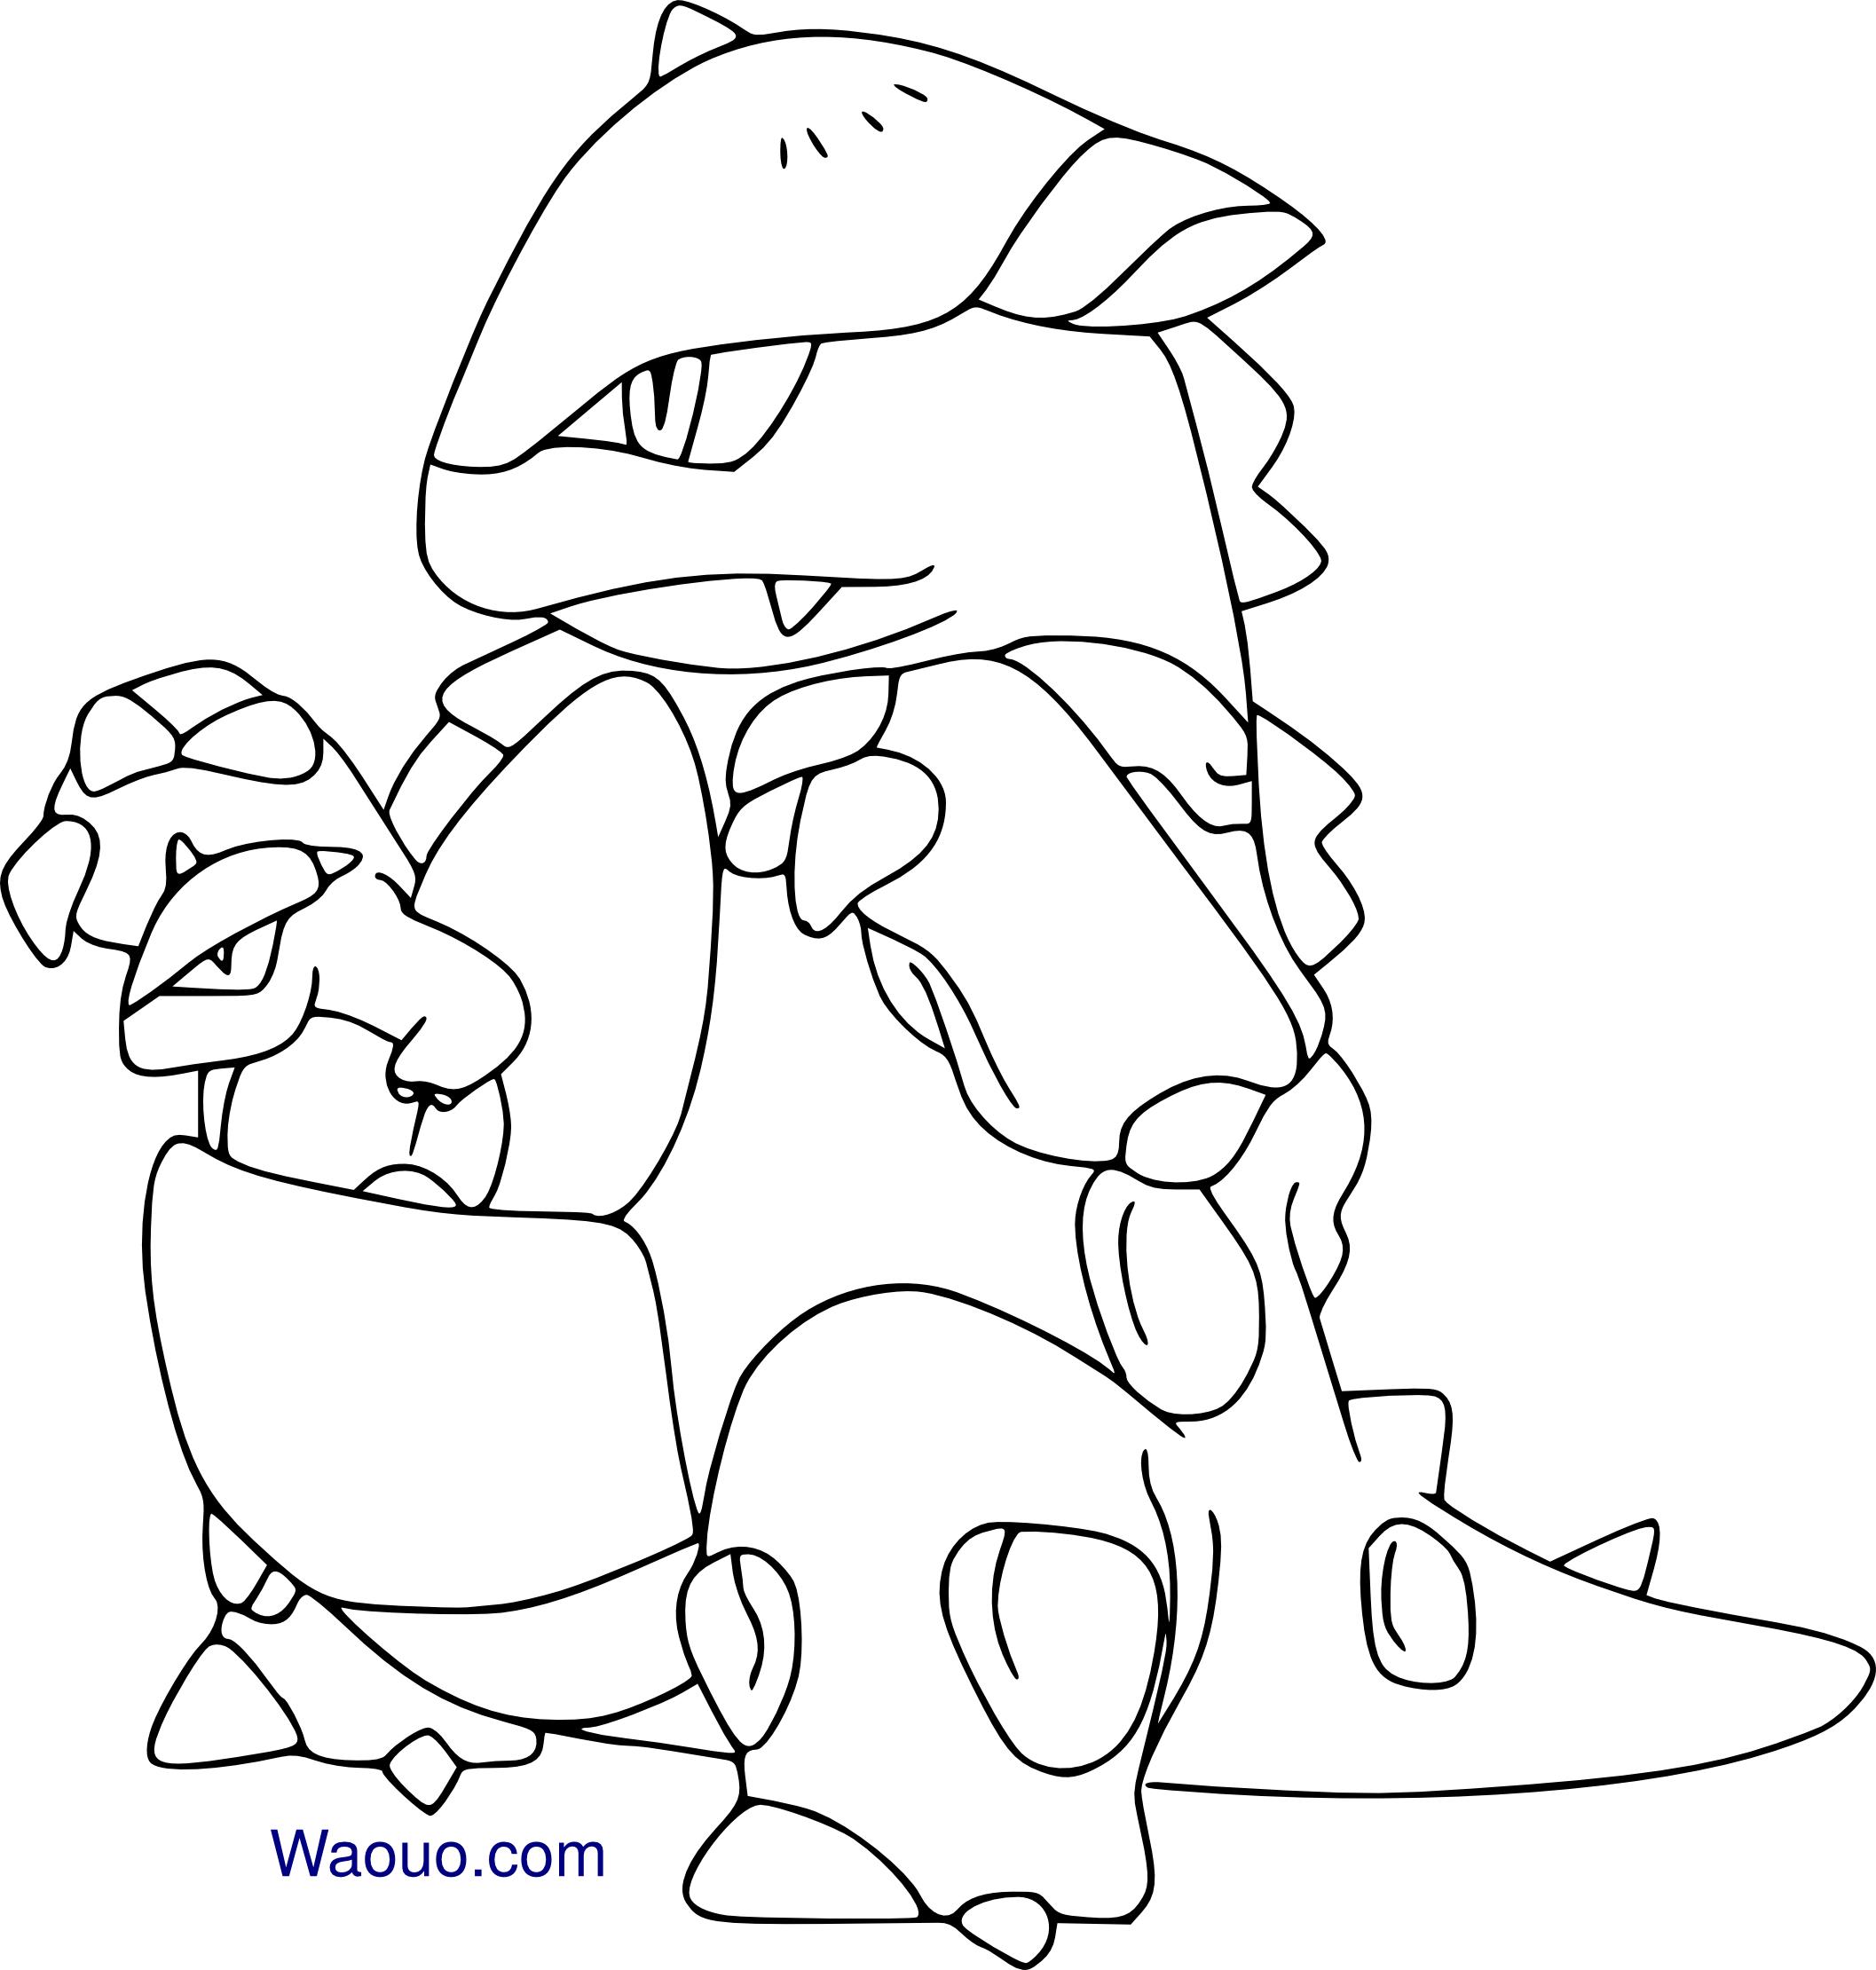 Jeux gratuits en ligne pour jouer plus de 3000 jeux autos weblog - Pokemon gratuit ...